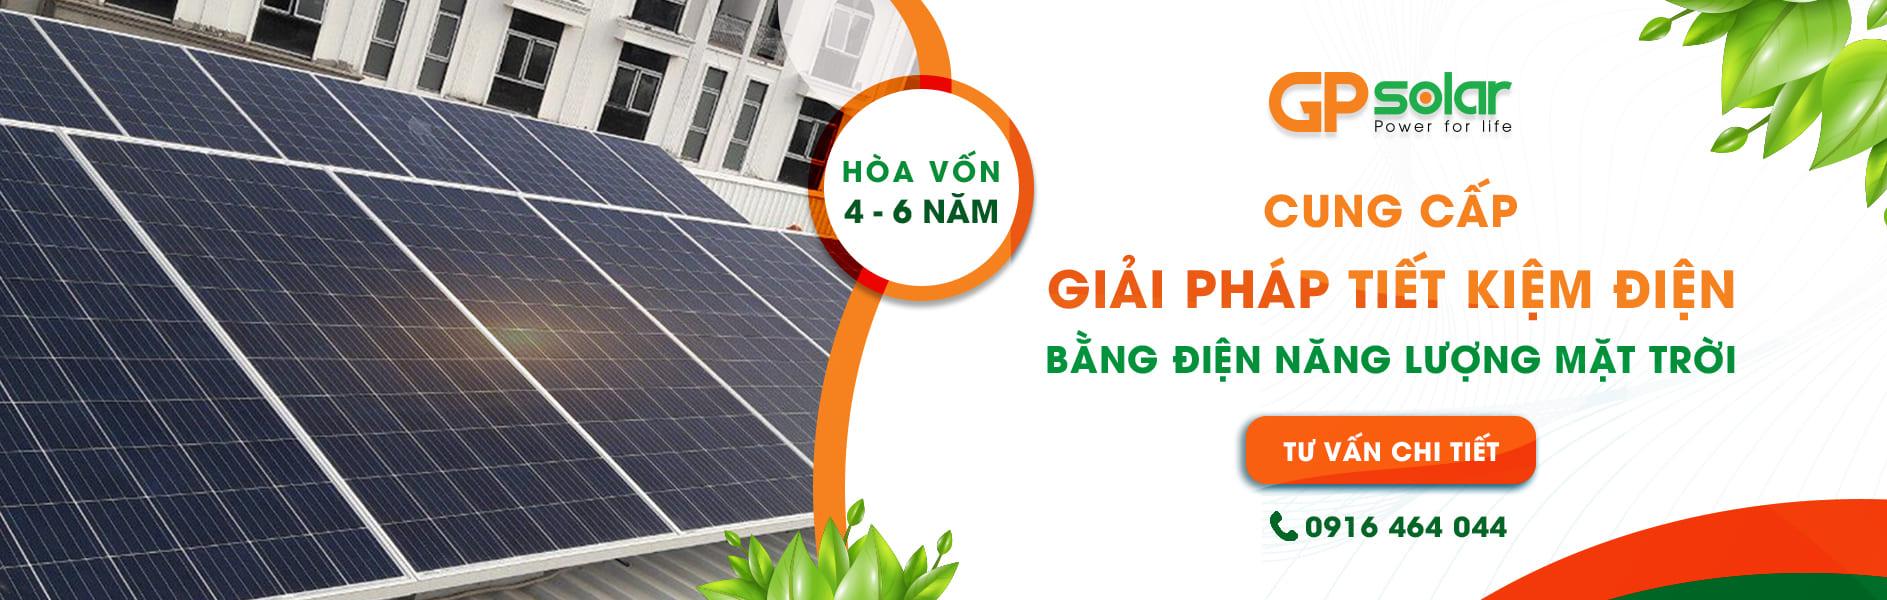 Công ty cổ phần kỹ thuật công nghệ GP Solar